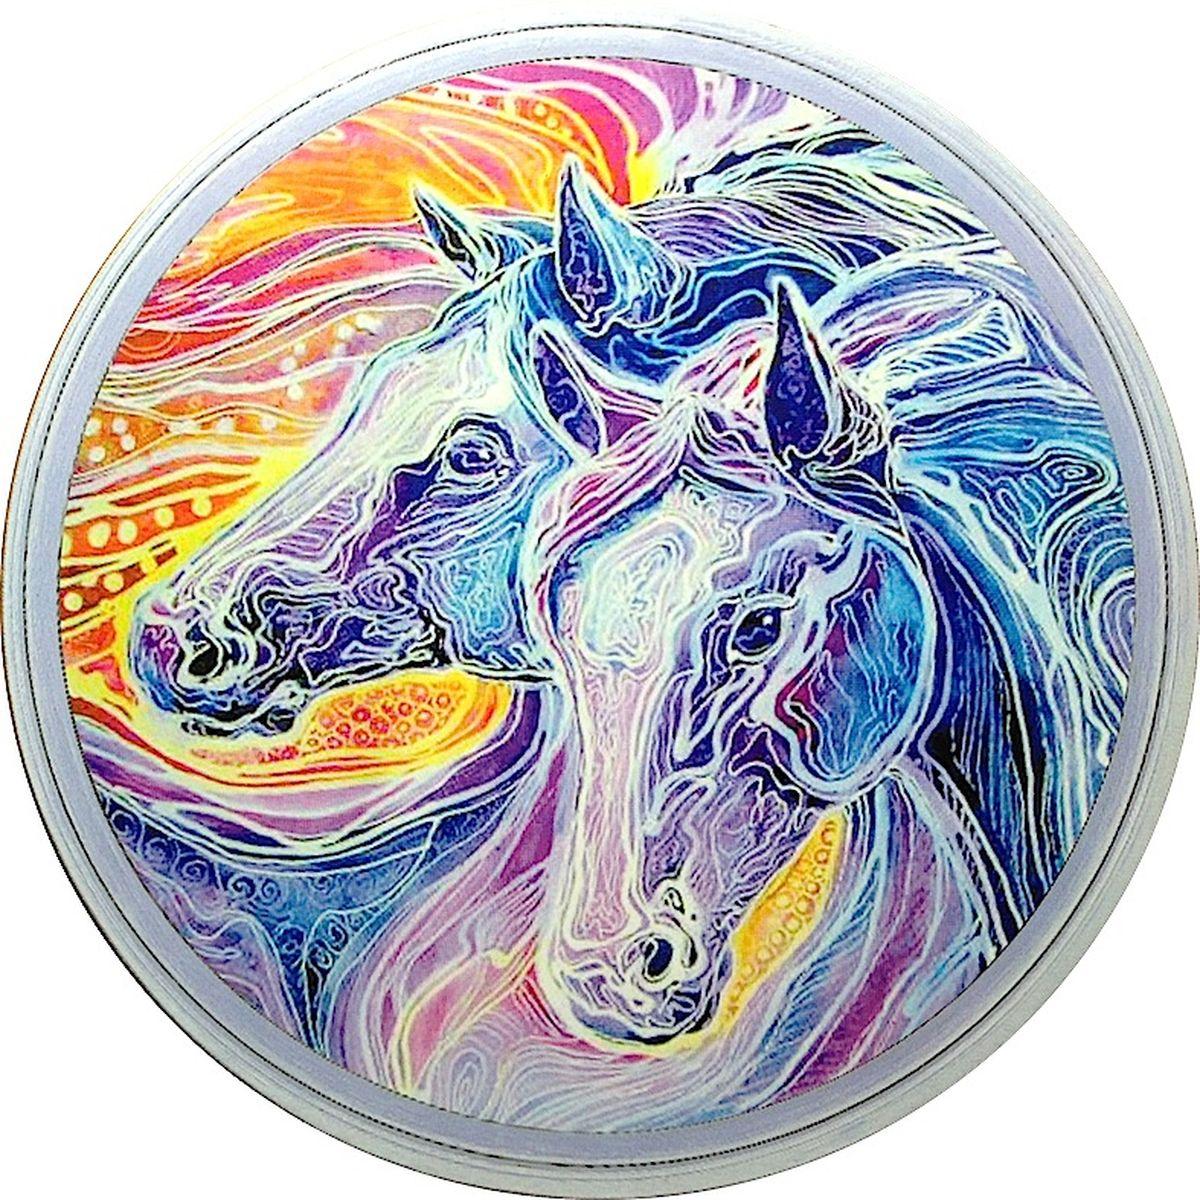 Подставка под горячее GiftnHome Фантазии о лошадях, диаметр 17 см115510Круглая подставка под горячее GiftnHome Фантазии о лошадях выполнена из пробки. Изделие, украшенное красочным изображением лошадей, идеально впишется в интерьер современной кухни. Ламинированное покрытие изделий обеспечивает стойкость к высоким температурам. Изделия легко очистить от пятен влажной губкой.Каждая хозяйка знает, что подставка под горячее - это незаменимый и очень полезный аксессуар на каждой кухне. Ваш стол будет не только украшен оригинальной подставкой с красивым рисунком, но и сбережен от воздействия высоких температур ваших кулинарных шедевров. Не рекомендуется полностью погружать изделие в воду. Предельная температура 90°С. Диаметр подставки: 17 см.Толщина подставки: 0,5 см.